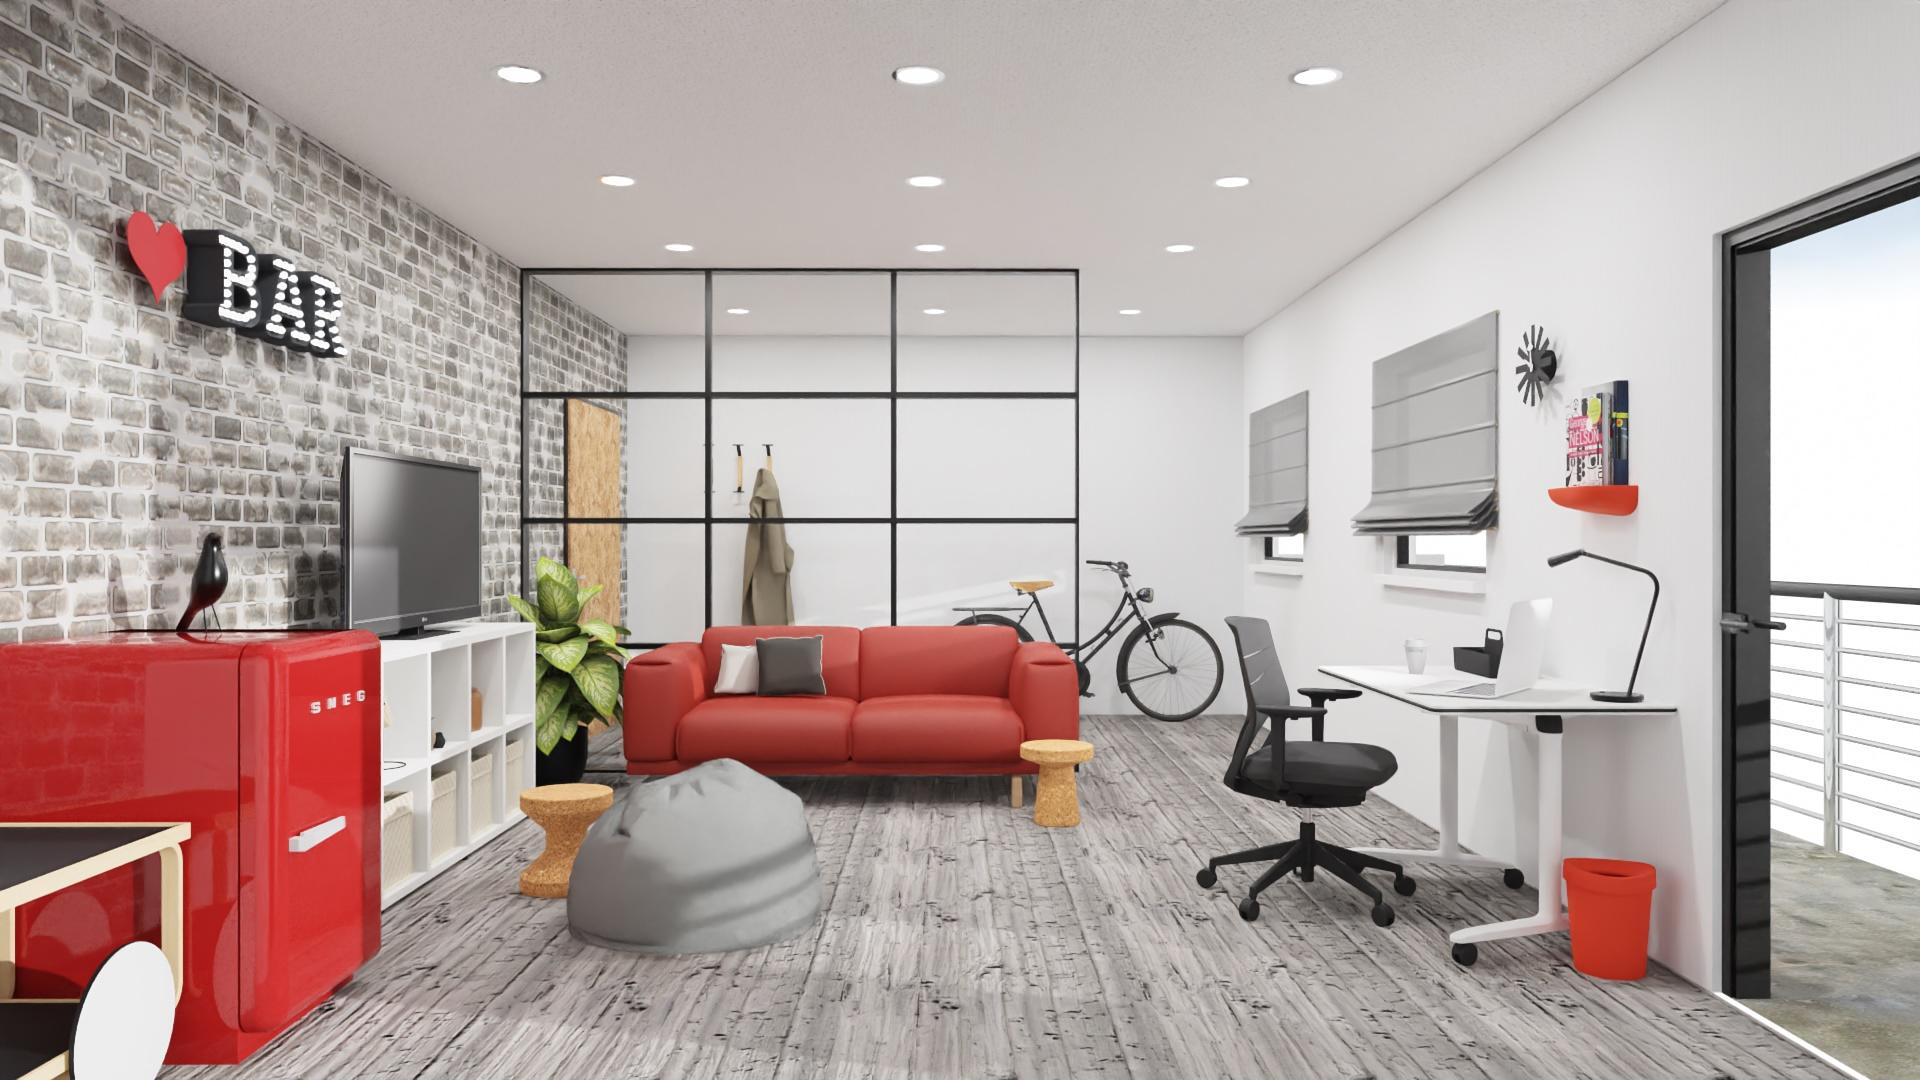 La compañía ha diseñado oficinas para Naturgy